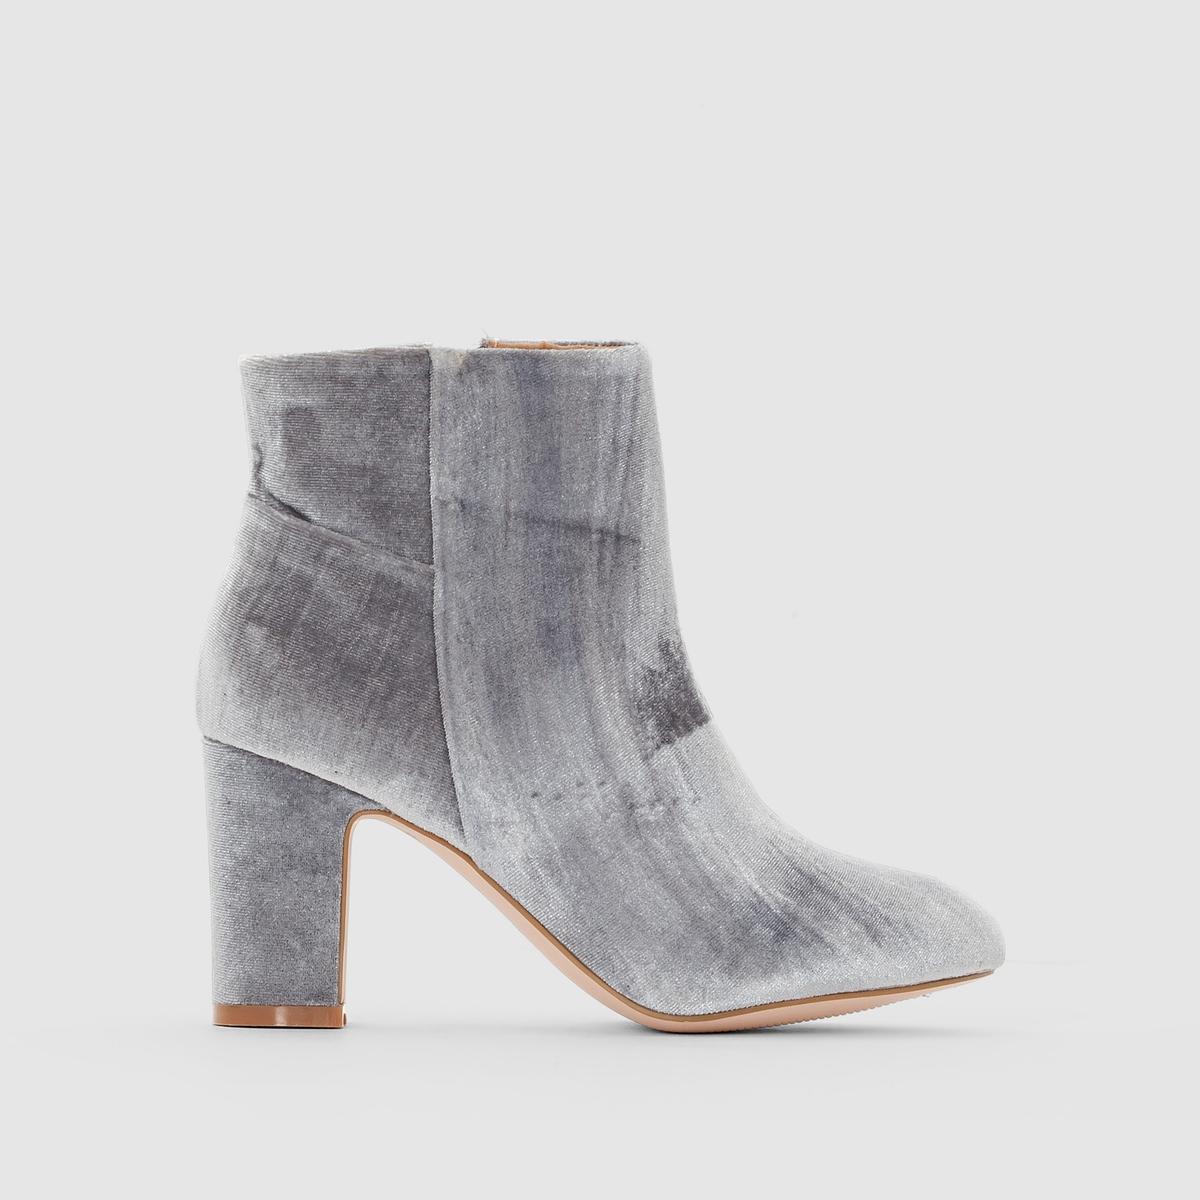 Ботильоны из велюра на каблукеПреимущества : элегантные ботильоны на высоком красивом каблуке с голенищем из текстиля и застежкой на молнию.<br><br>Цвет: серый,черный<br>Размер: 37.39.36